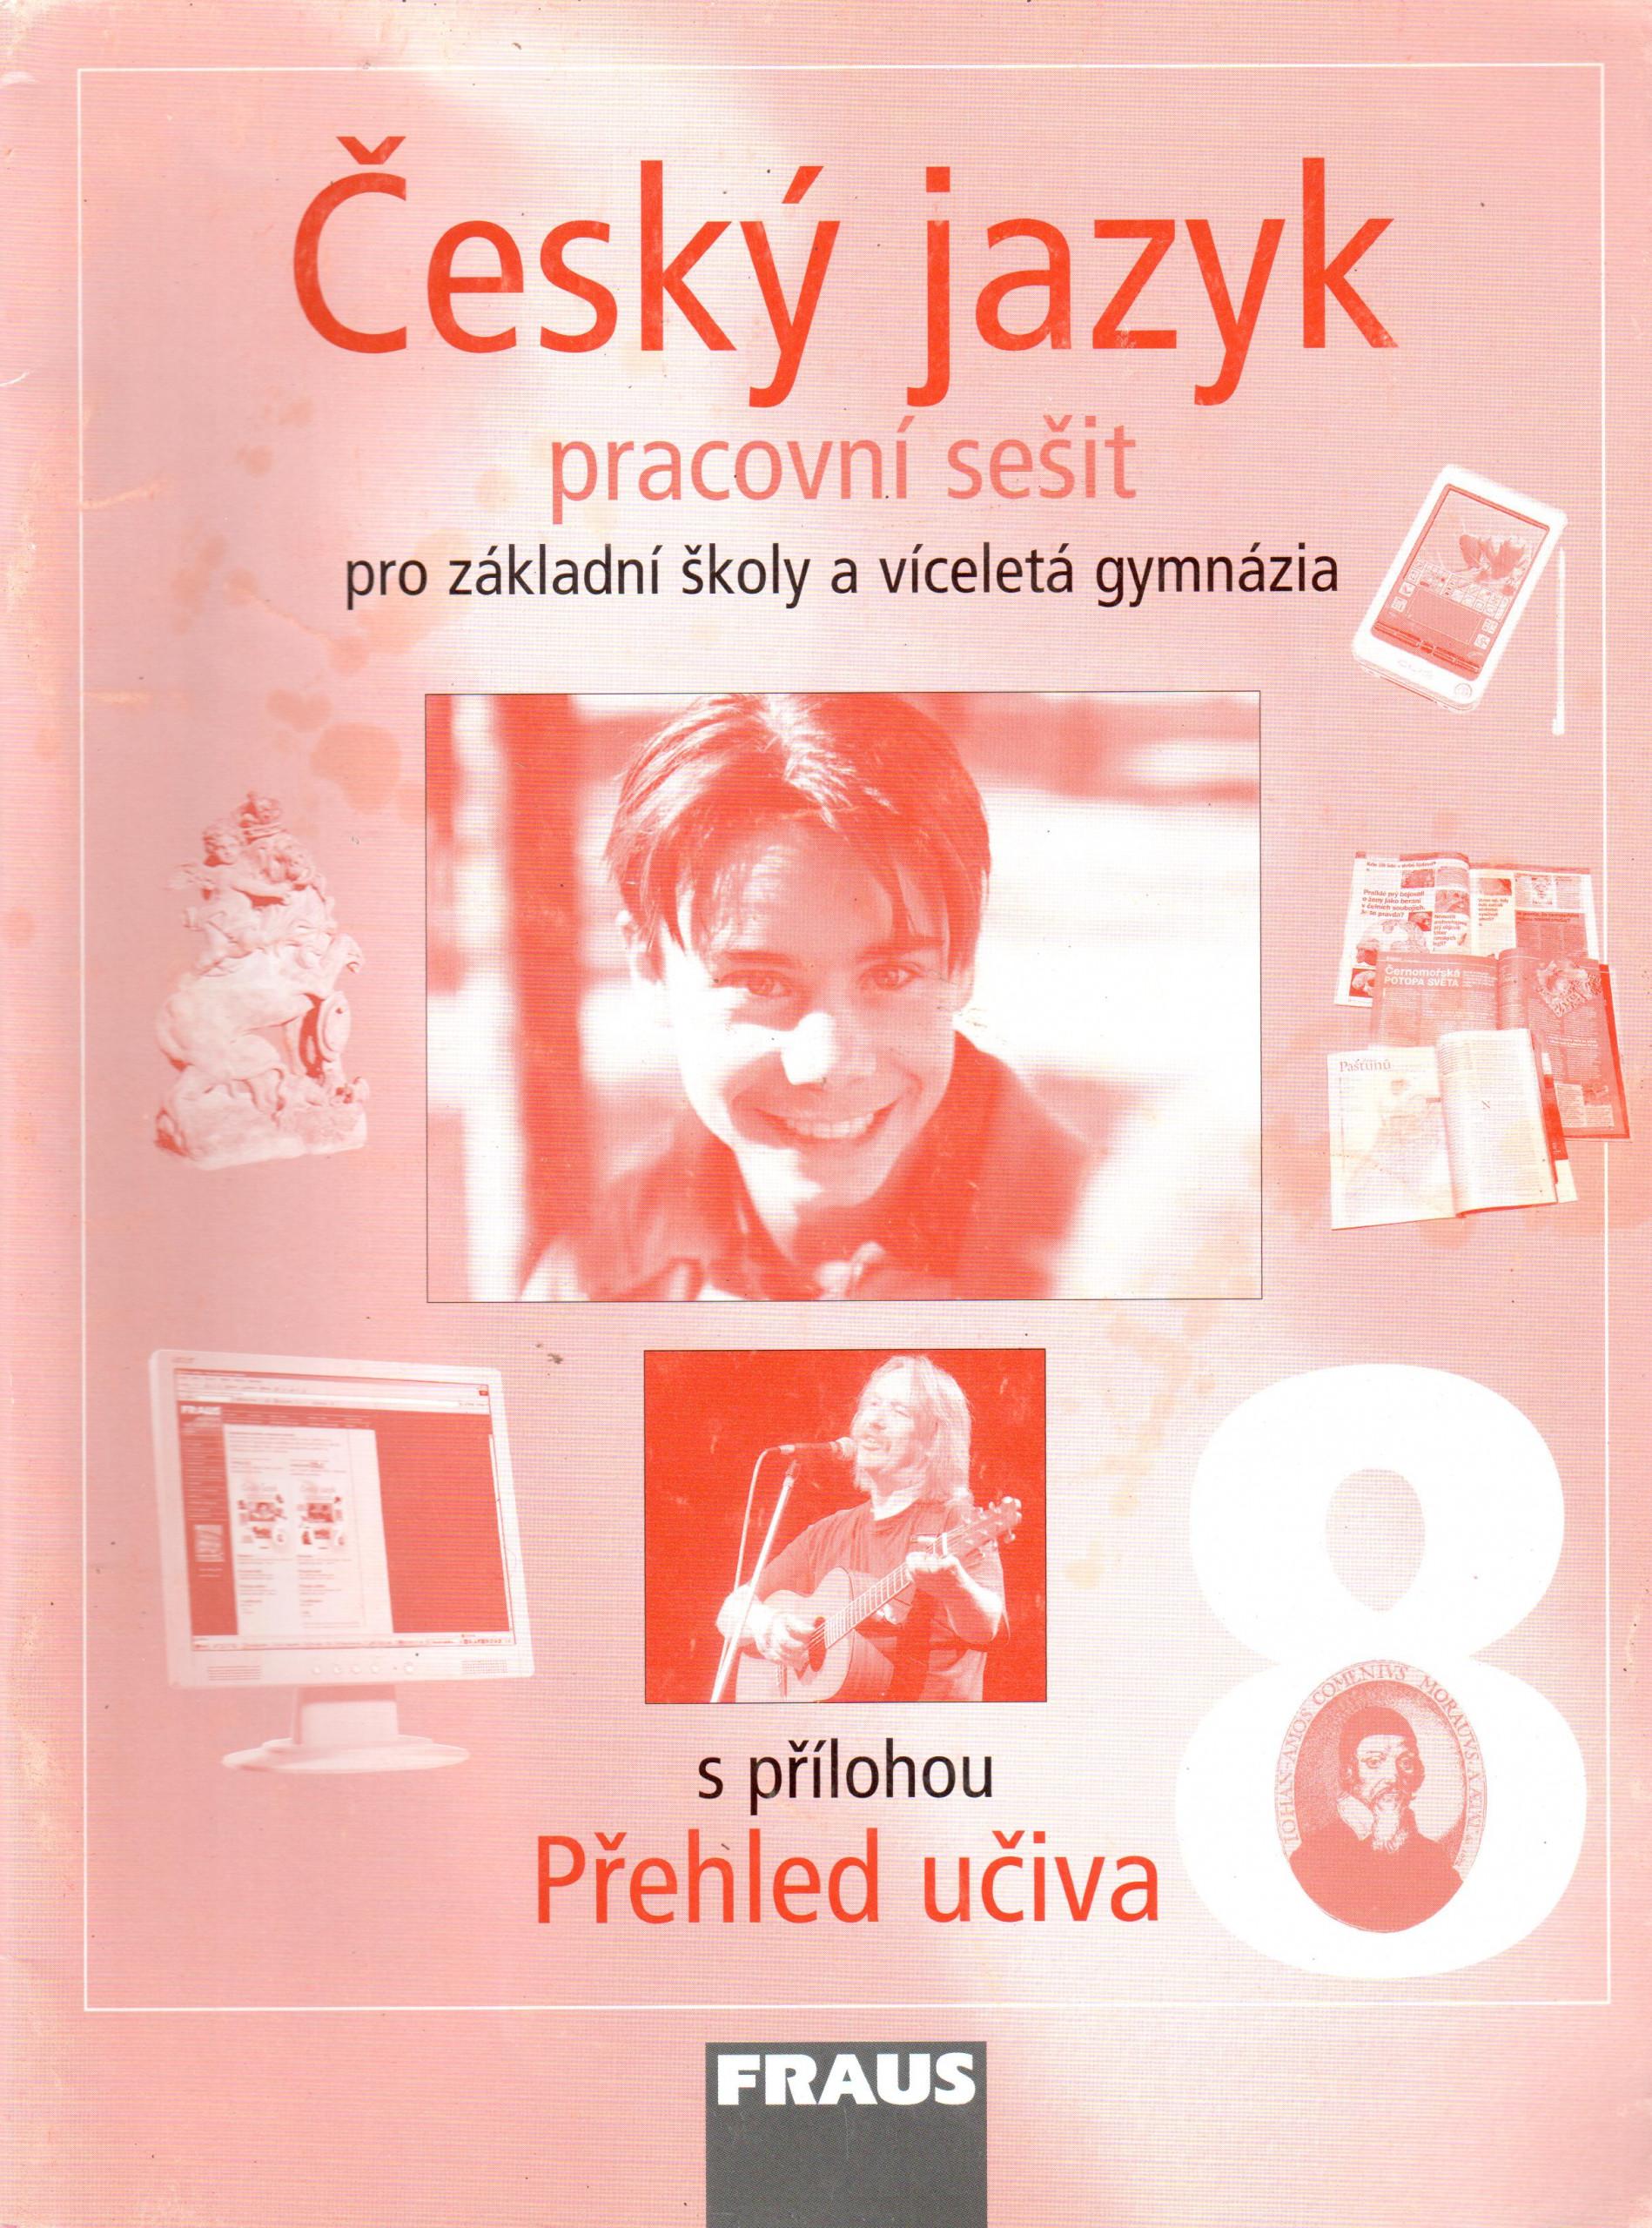 Český jazyk 8 pro ZŠ a víceletá gymnázia (pracovní sešit) - Náhled učebnice